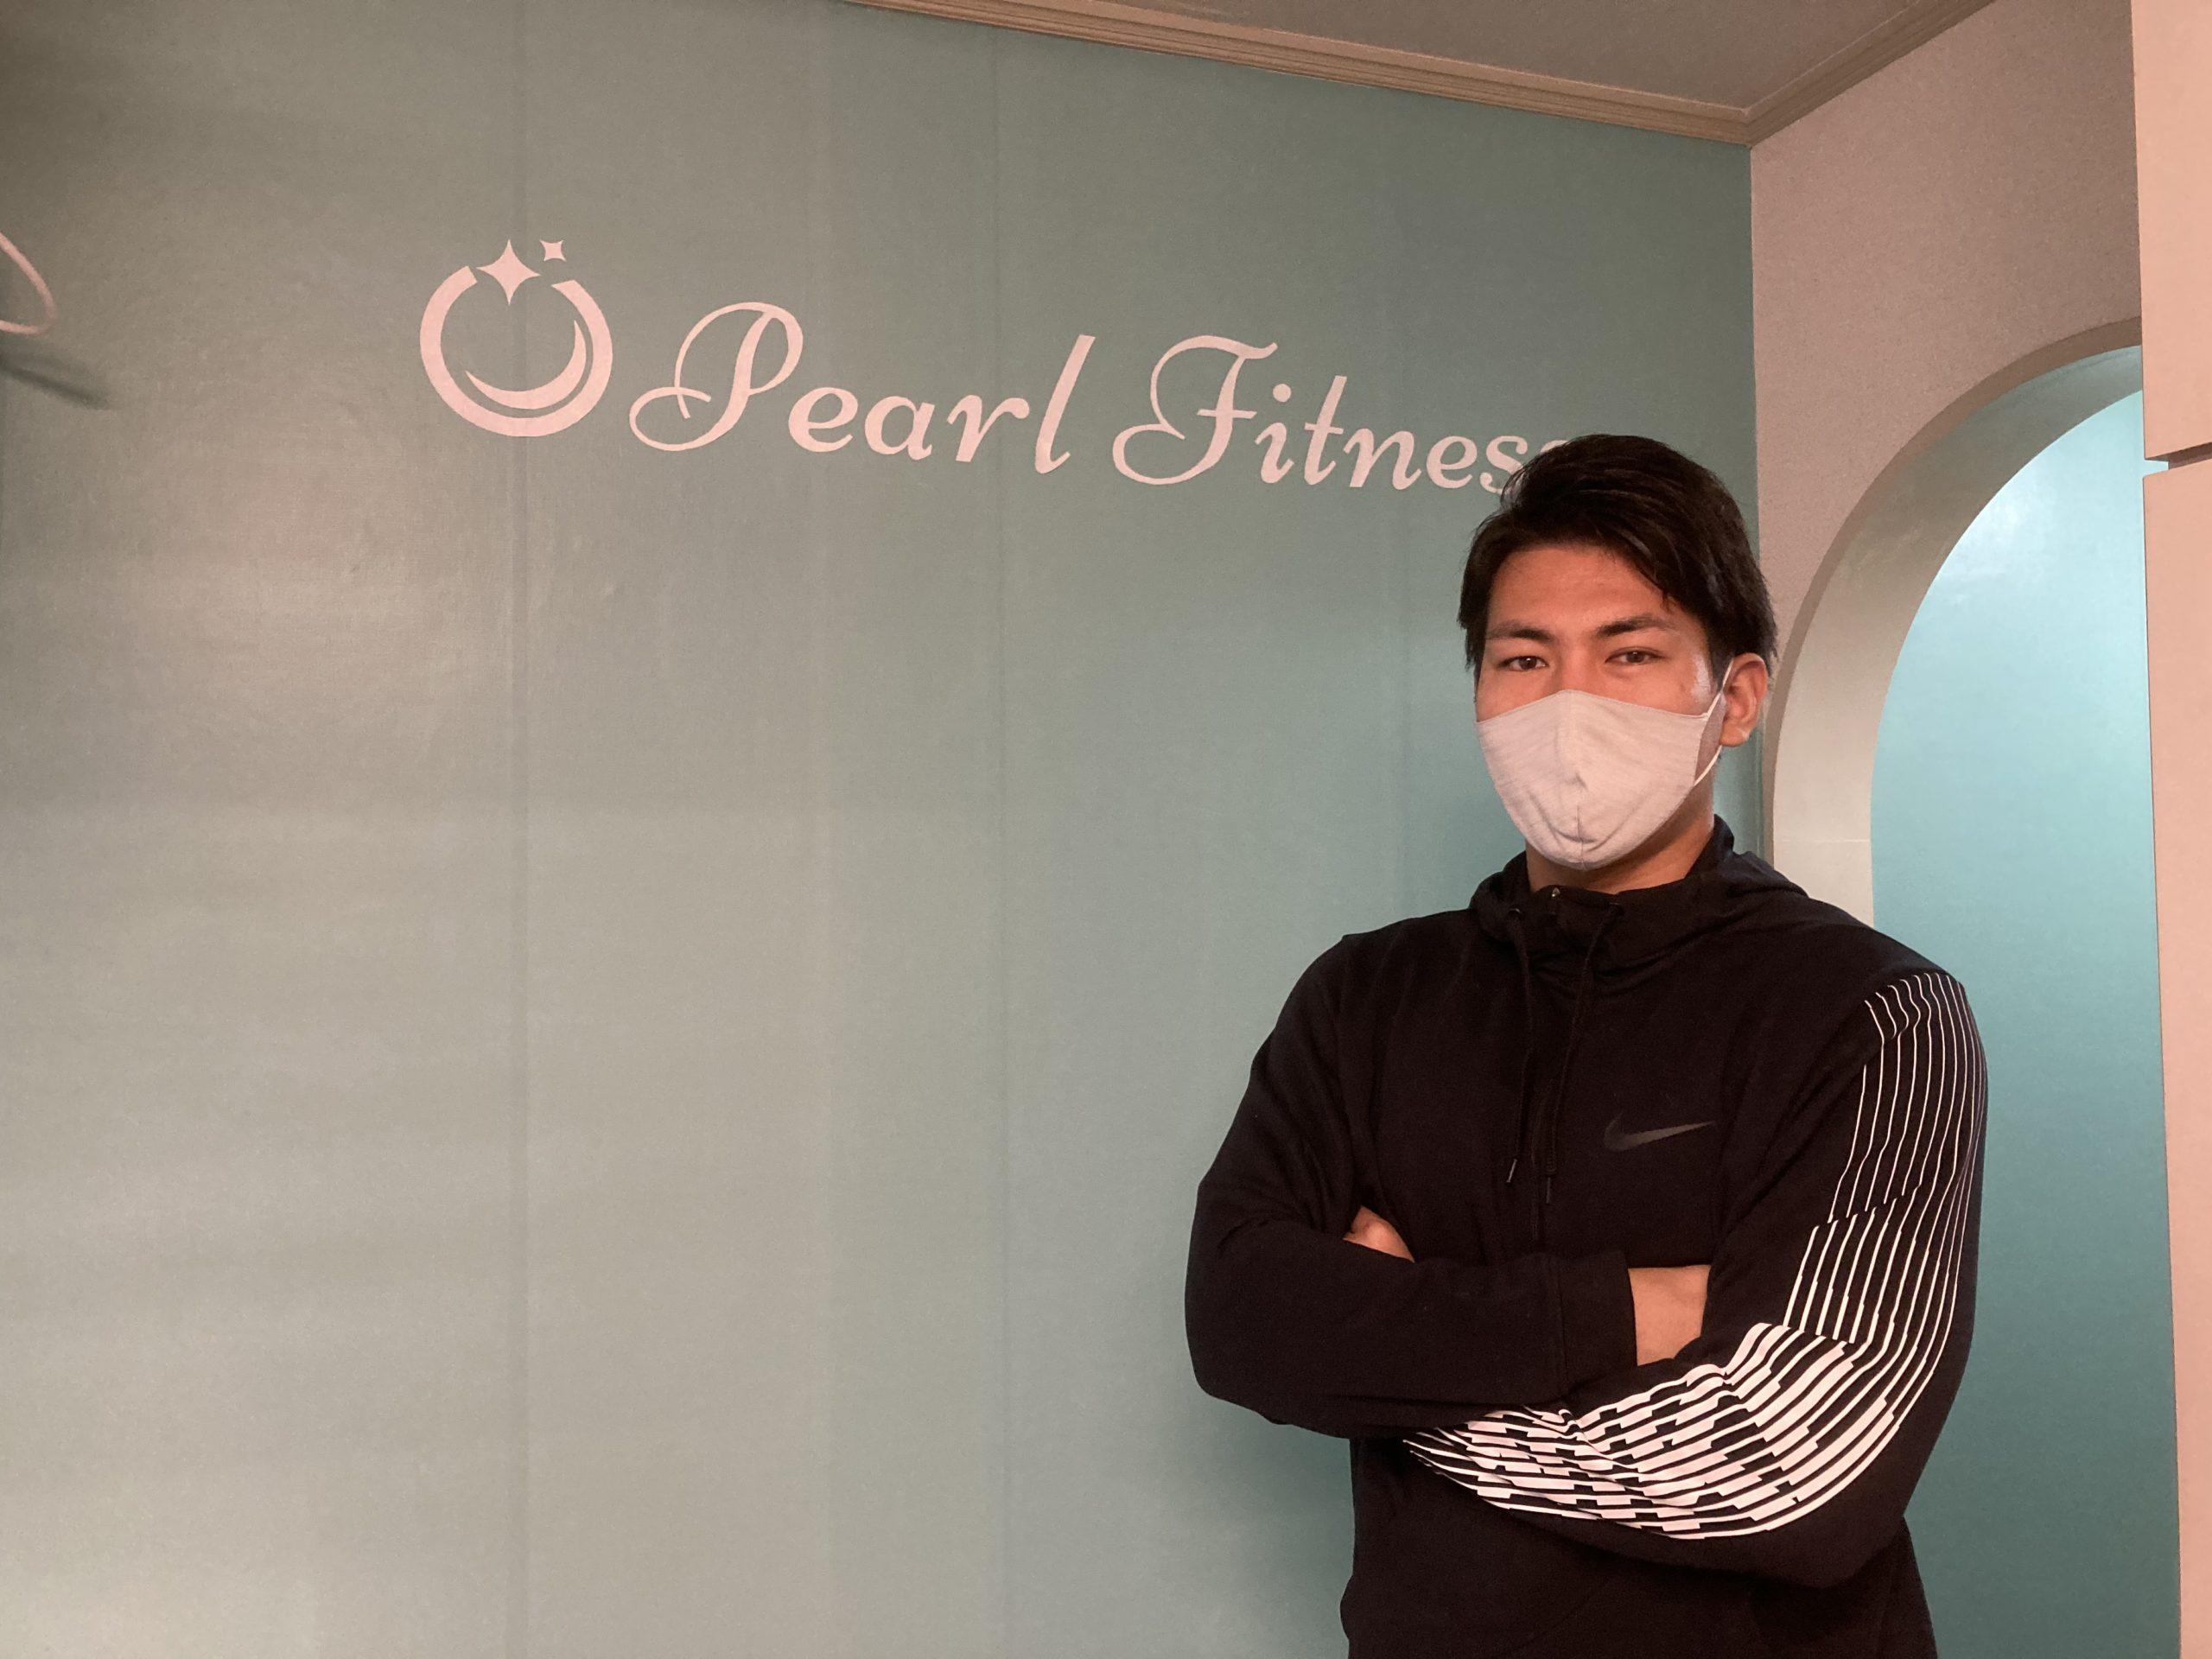 大宮ユース出身者が指導 大宮西口・Pearl Fitnessが開店4ヶ月